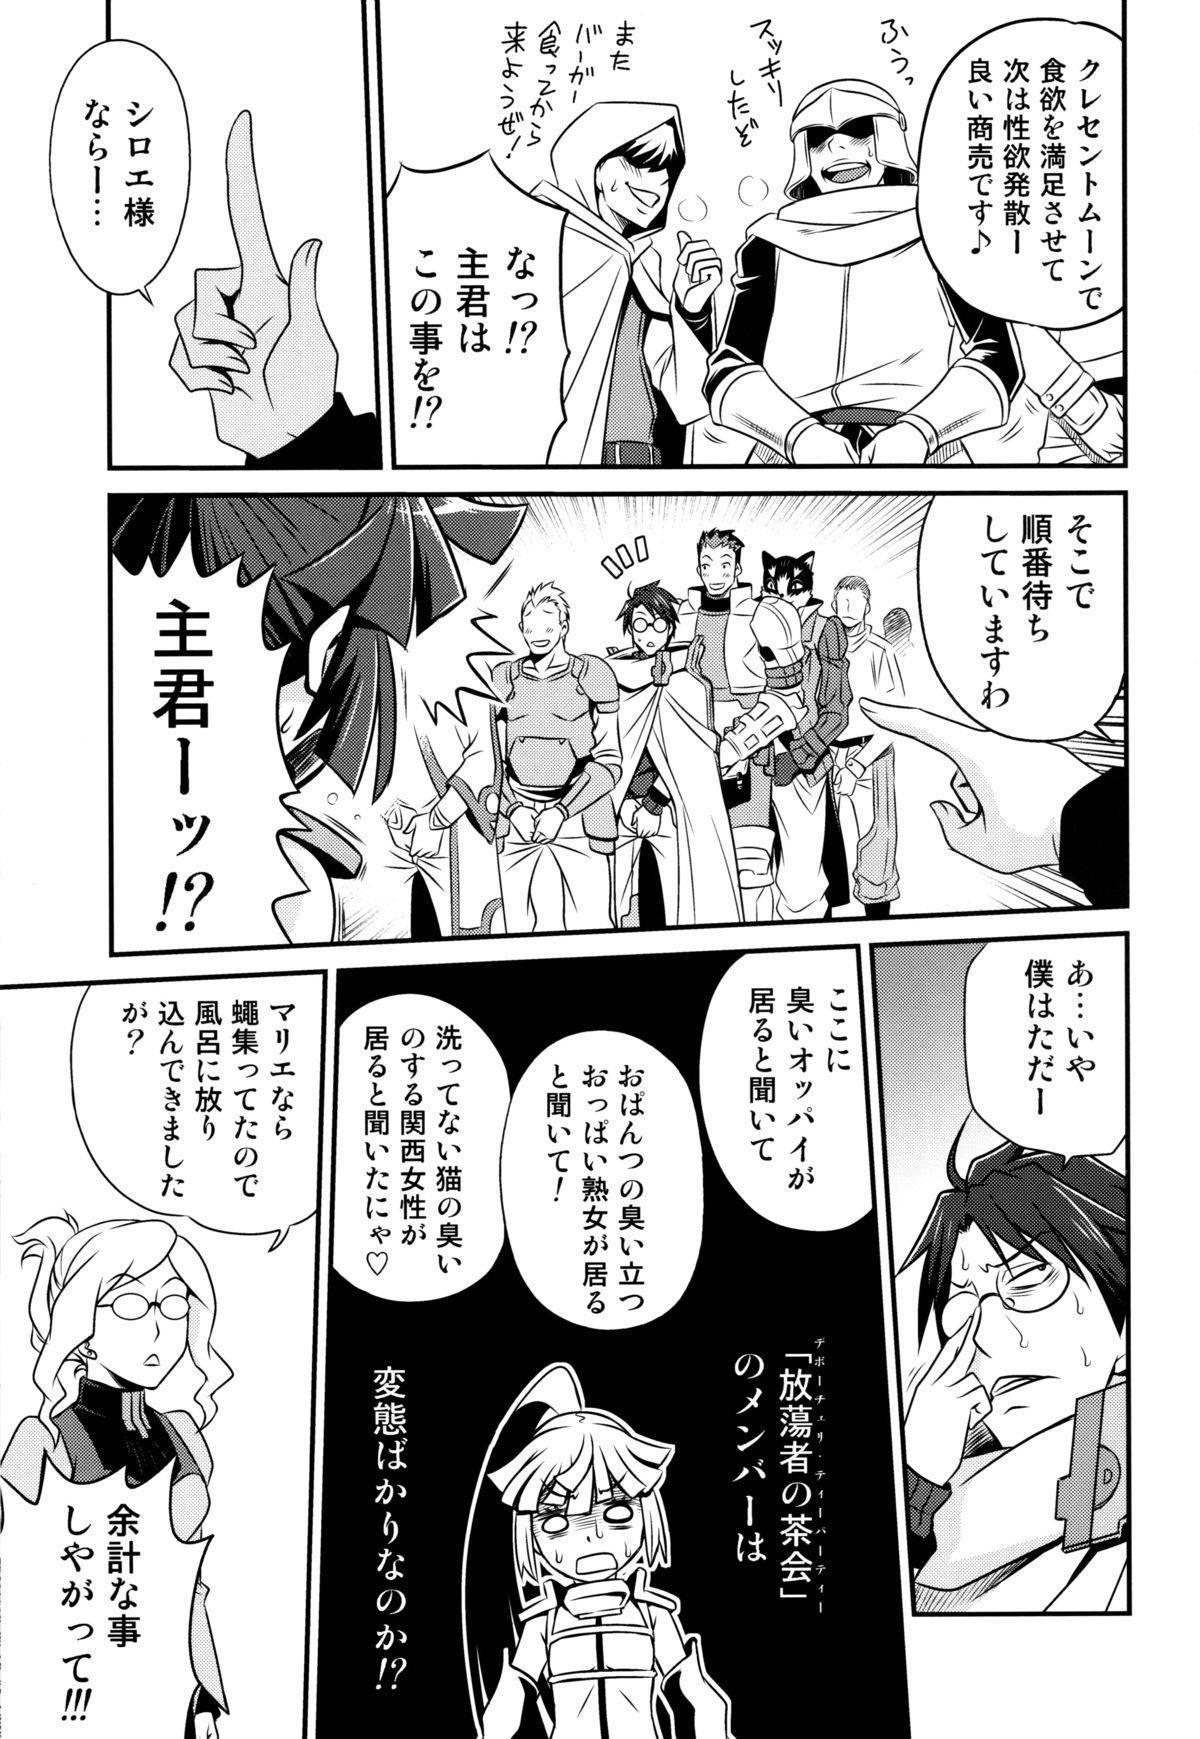 Gouhou! Chimikko Assassin!! 7